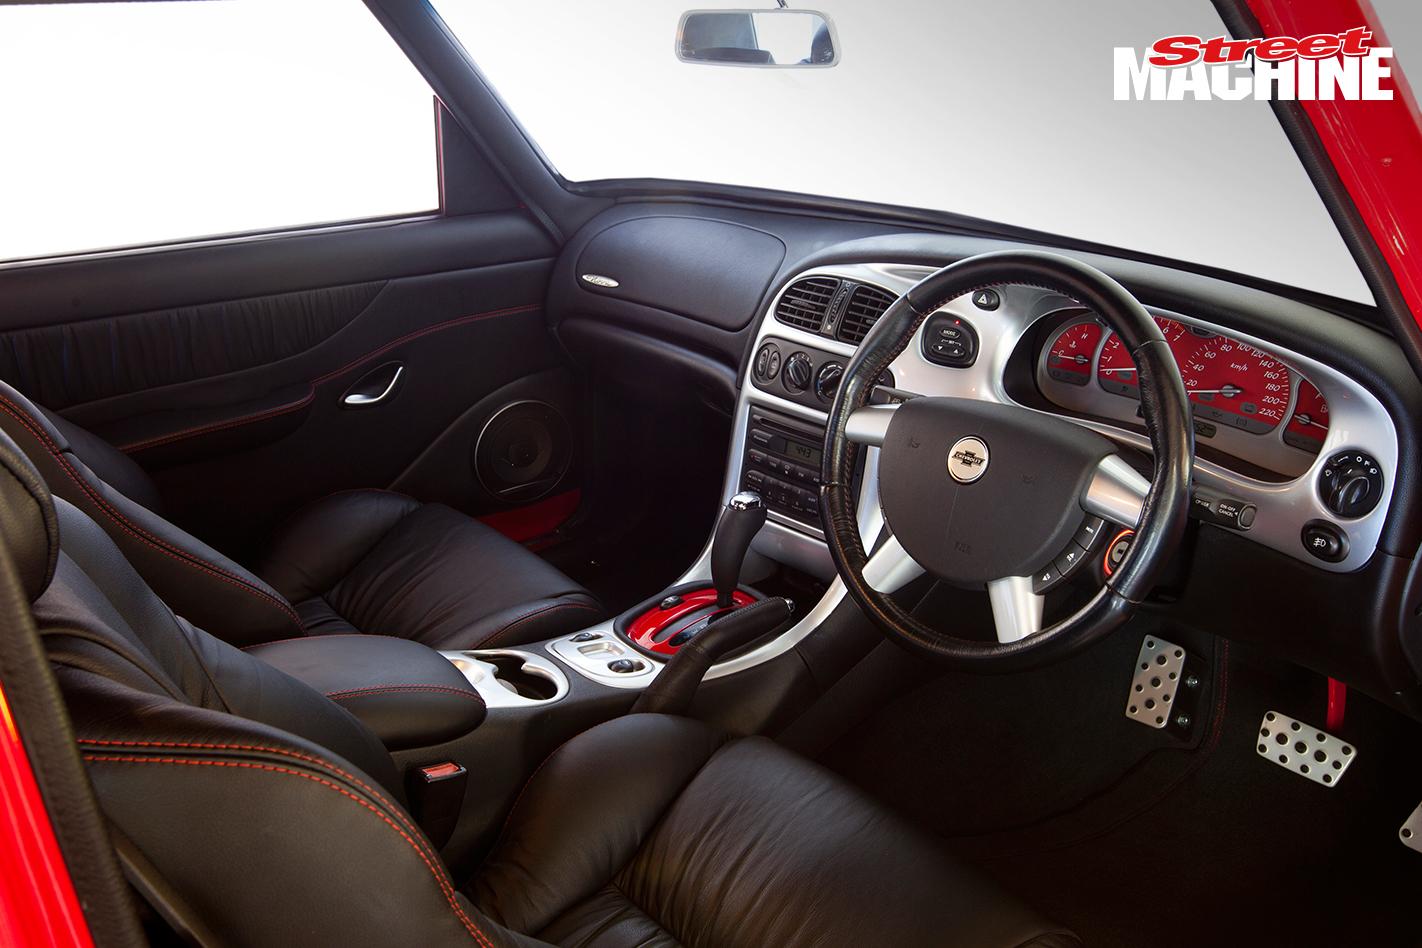 67 Chevy Nova Pro Tourring 8 Nw